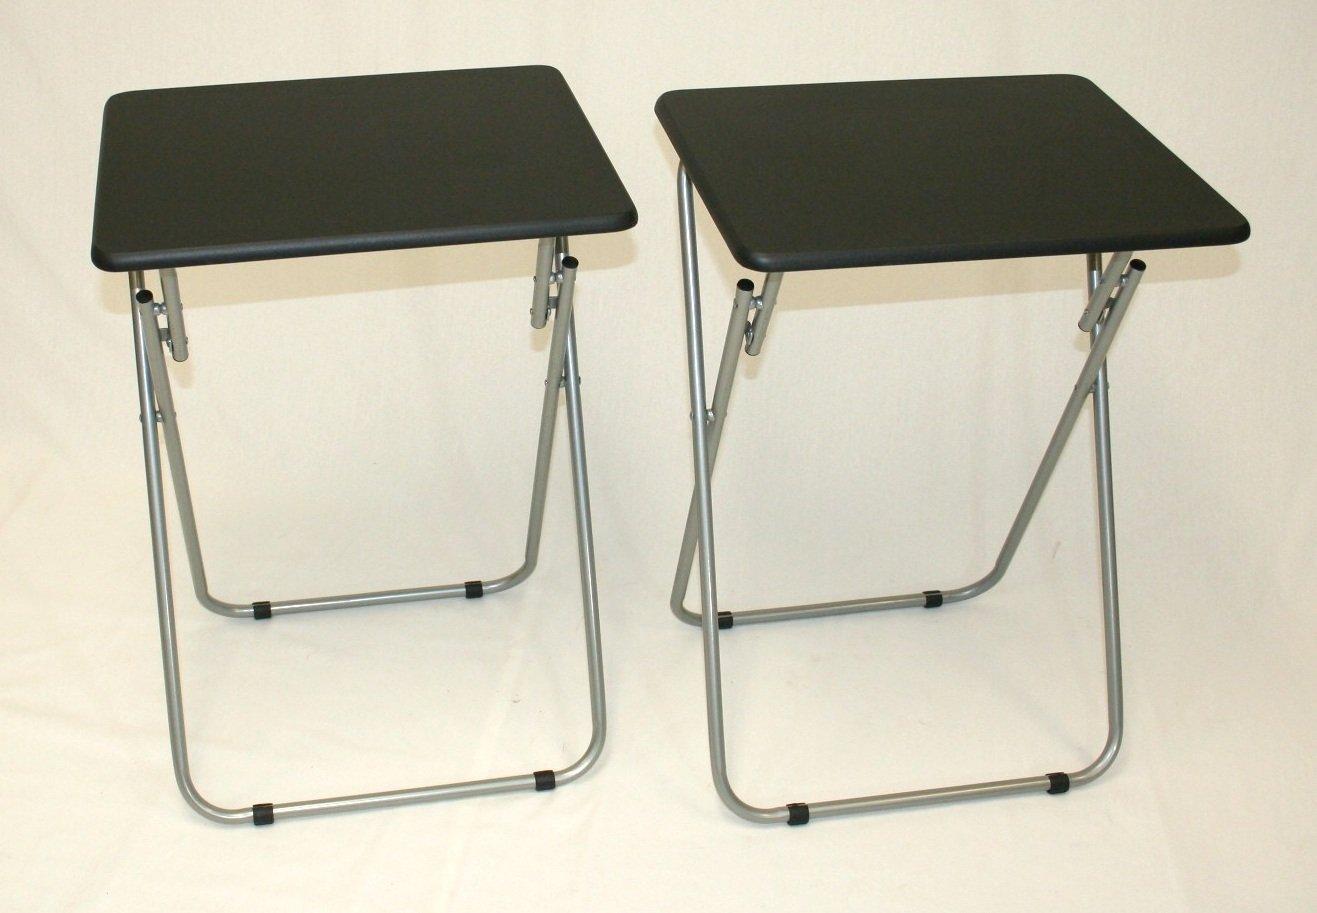 Small Folding Table Acnn Decor